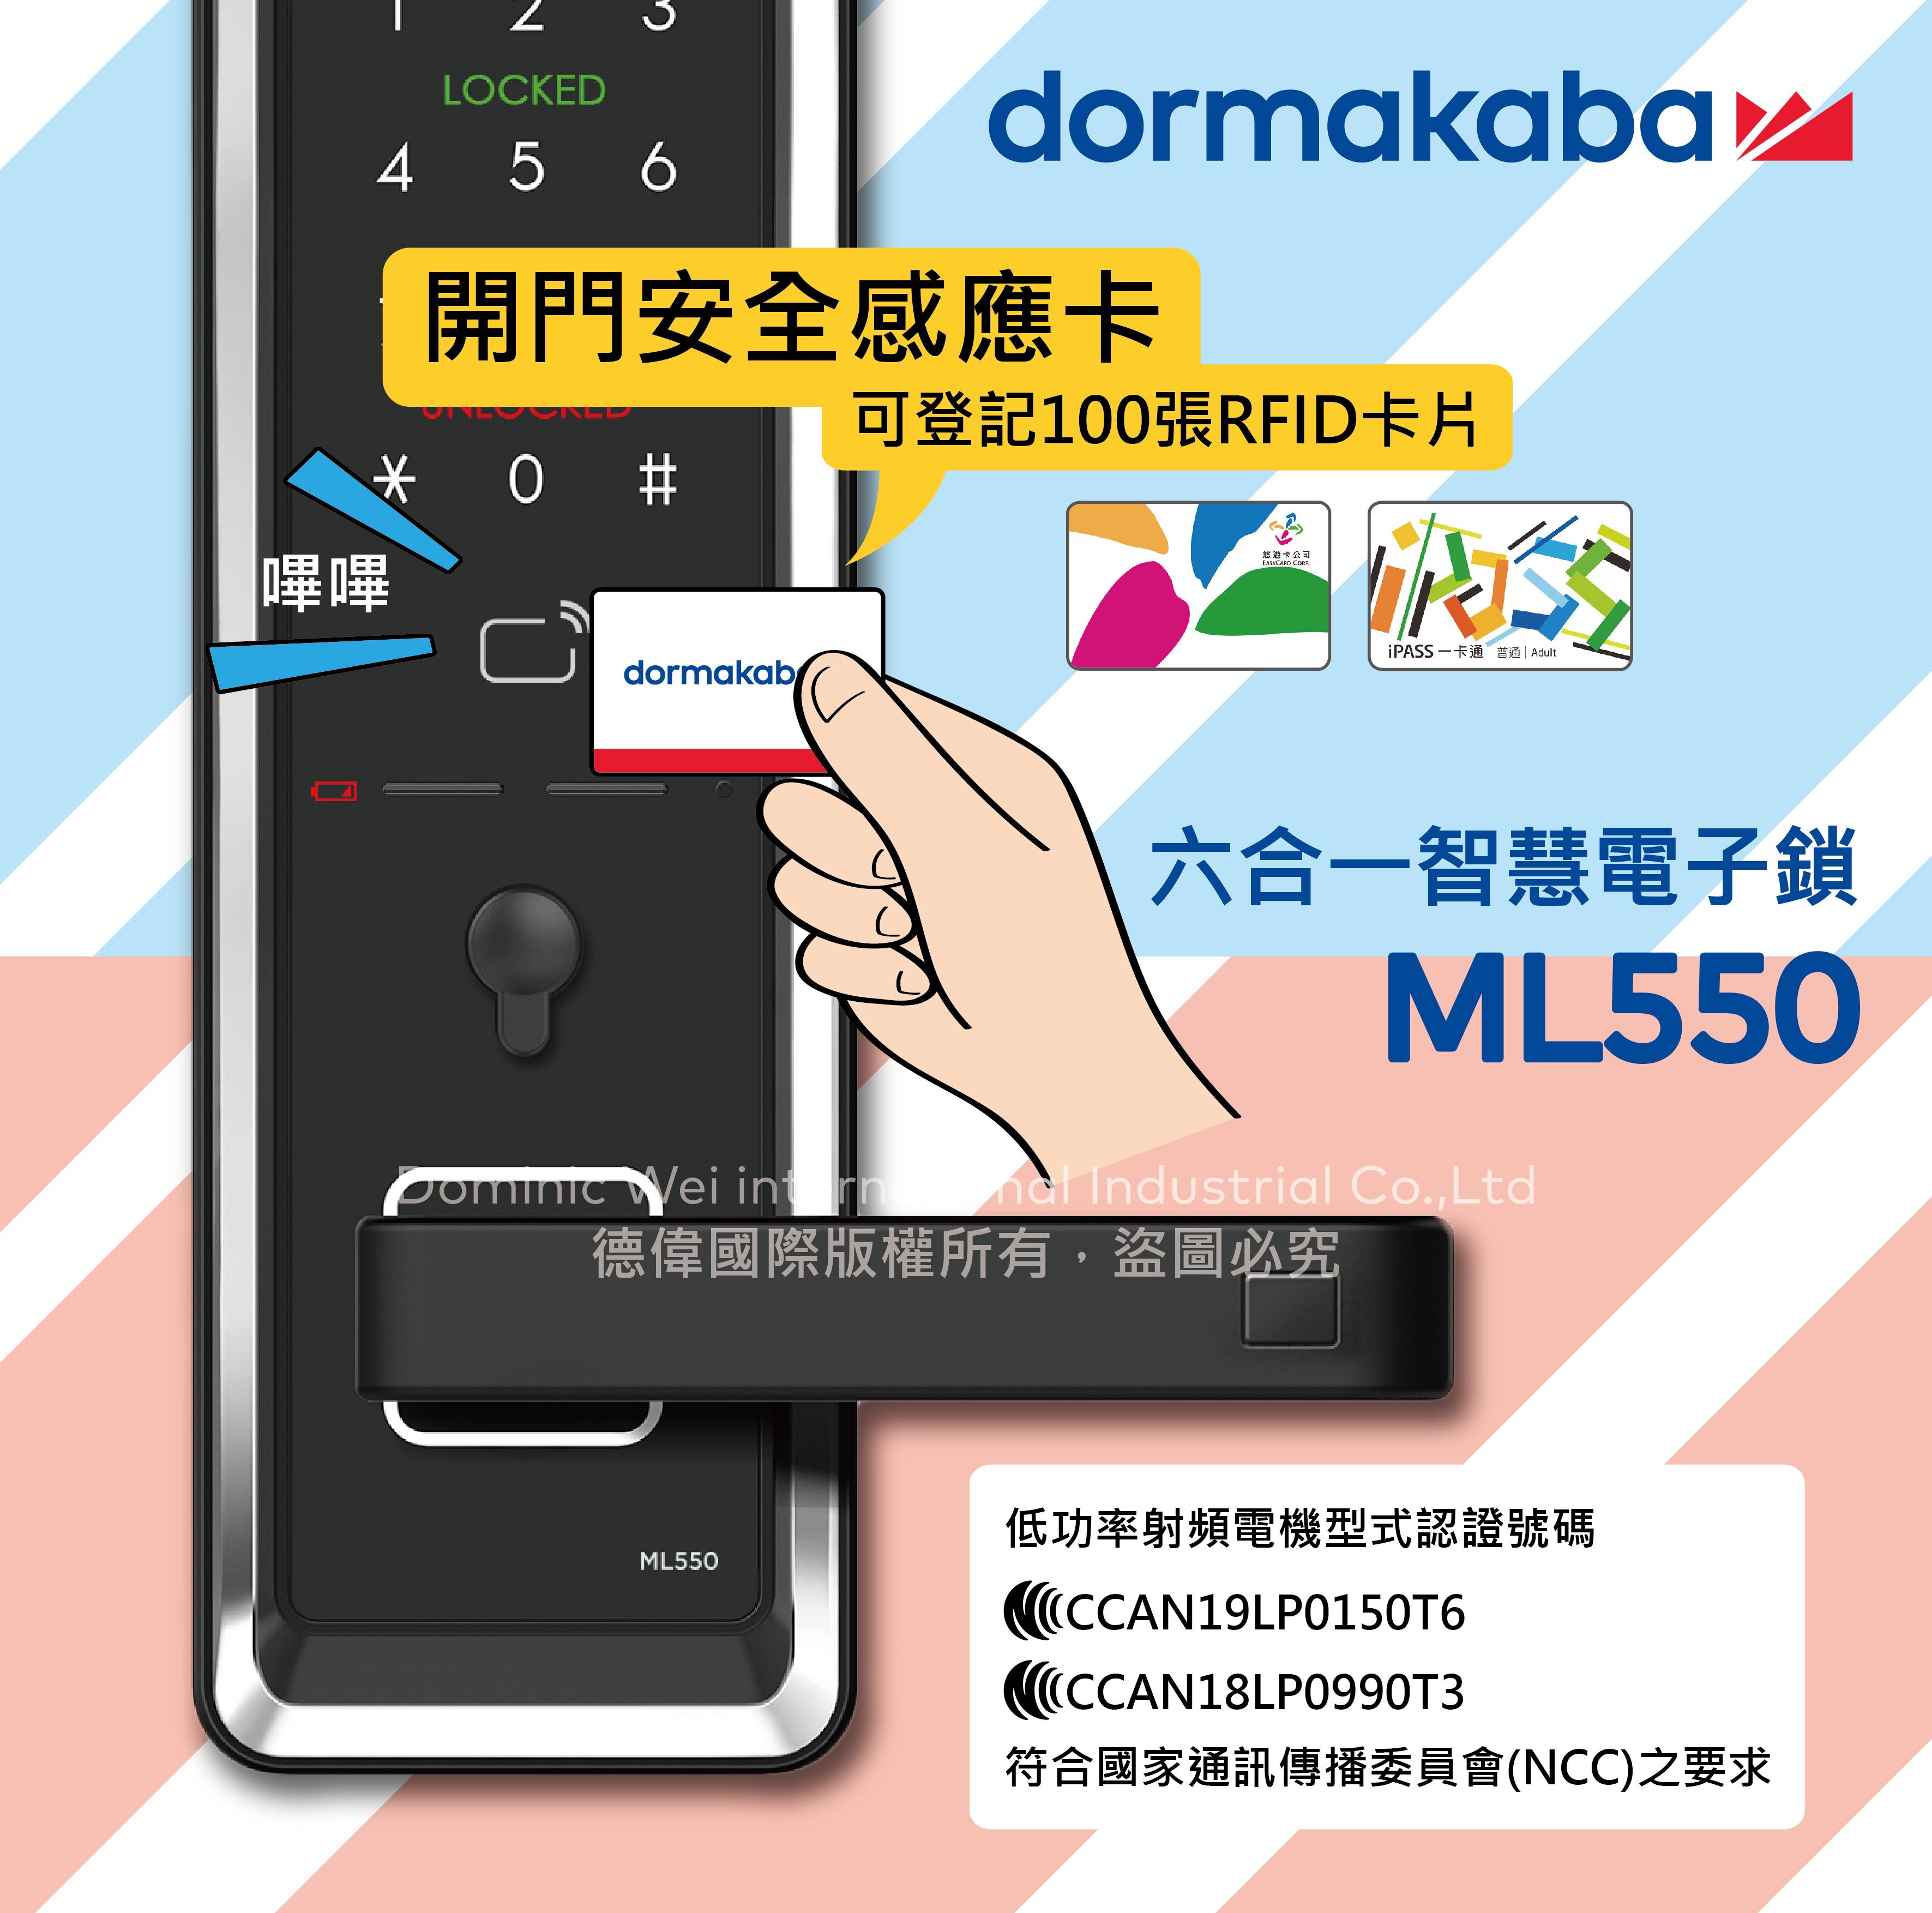 ML550 bunner 簡約版4-01.jpg